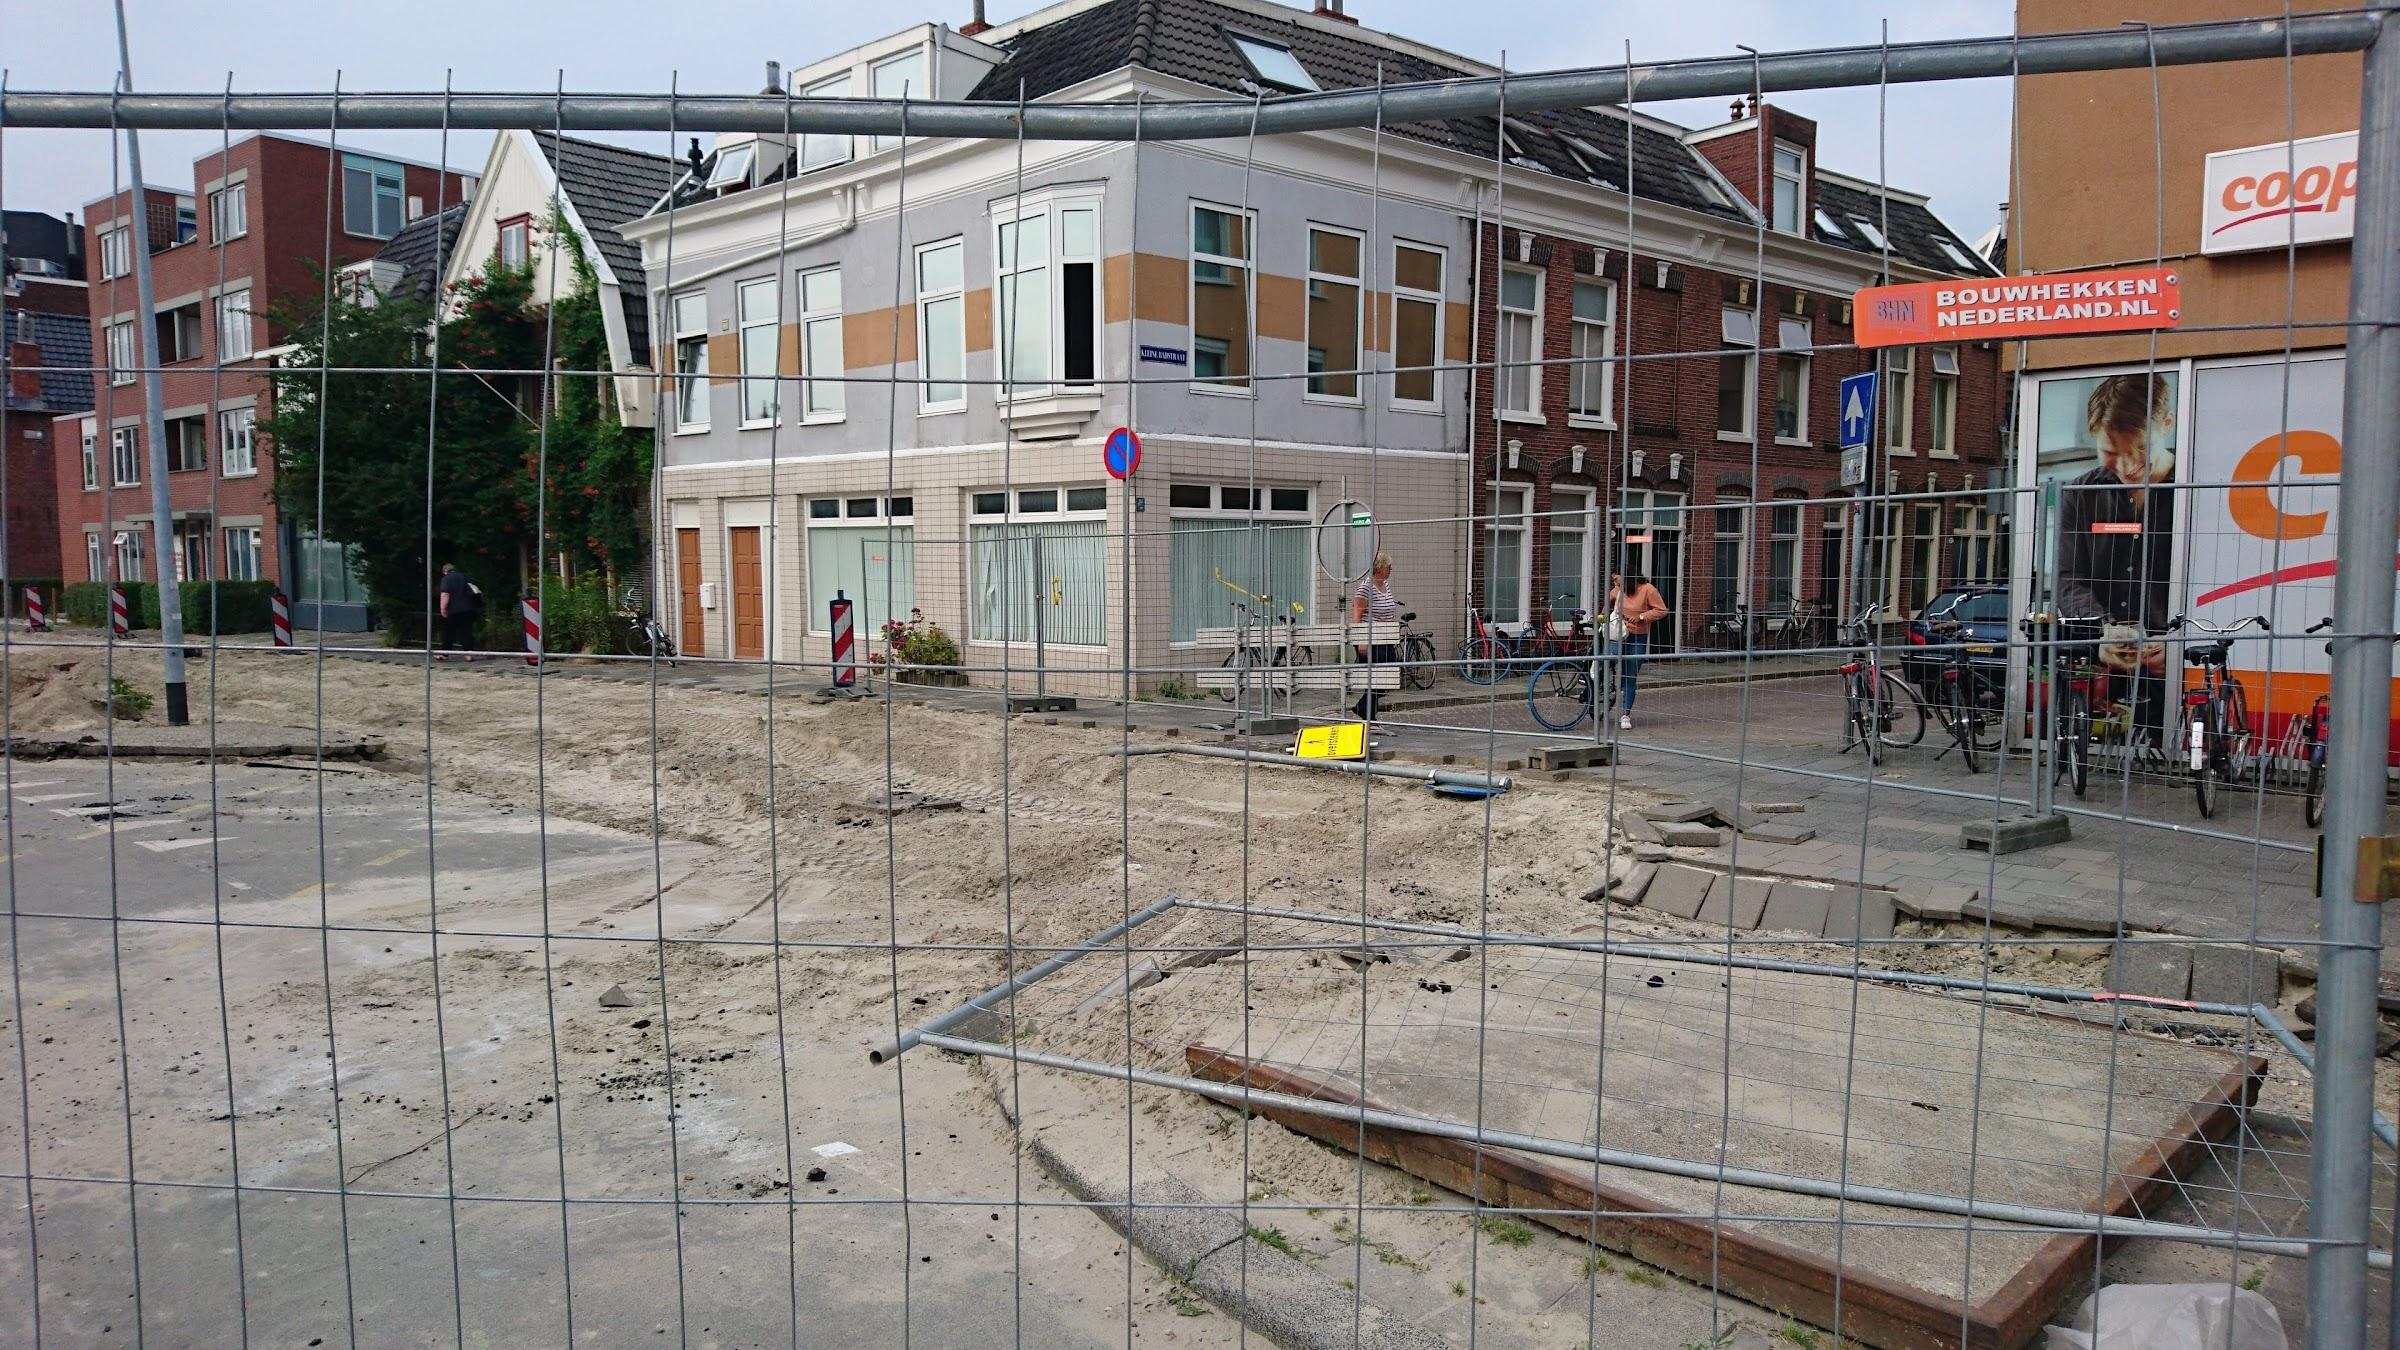 Kleine Badstraat afgesloten (23-7-19)